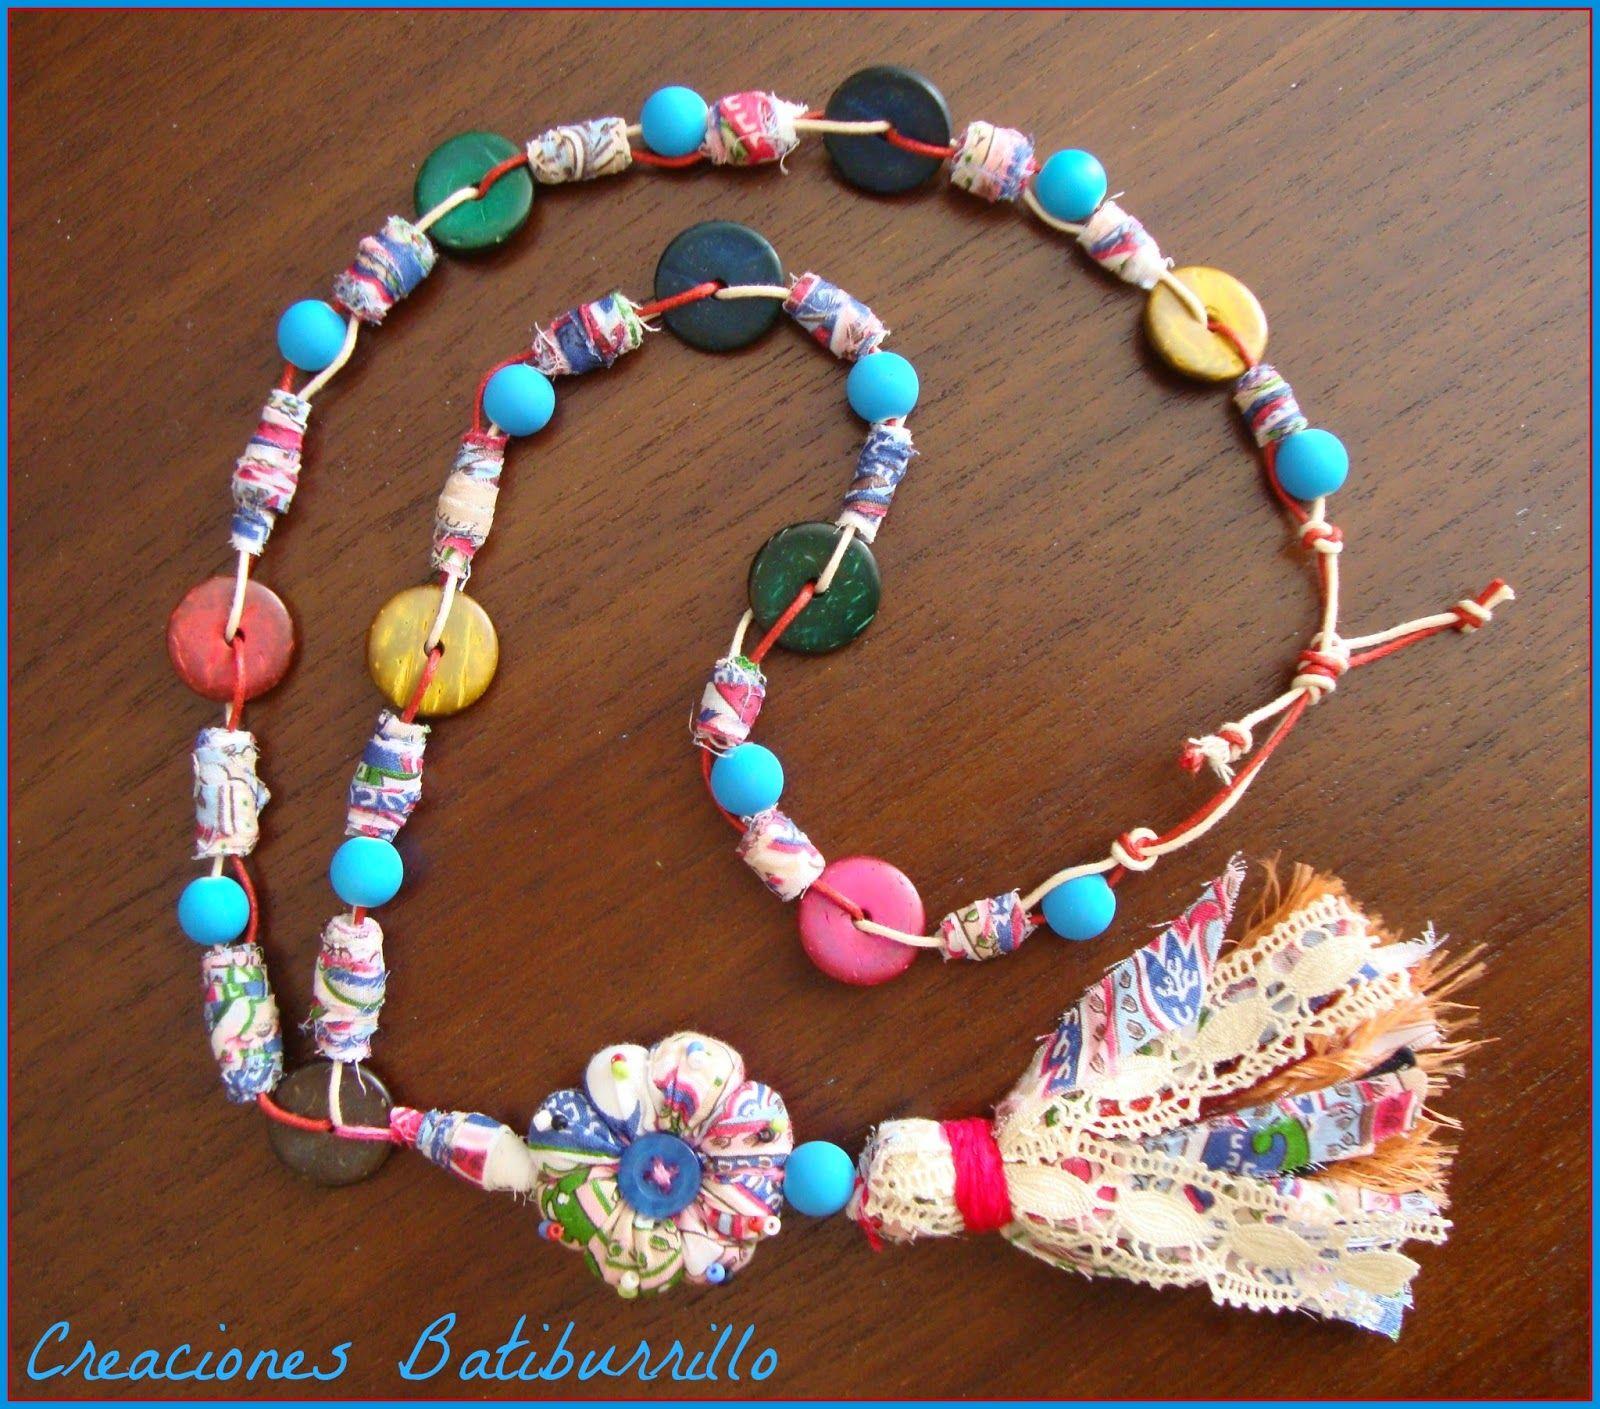 Bisuter a diy reciclando telas y botones diy necklace - Manualidades con tela ...